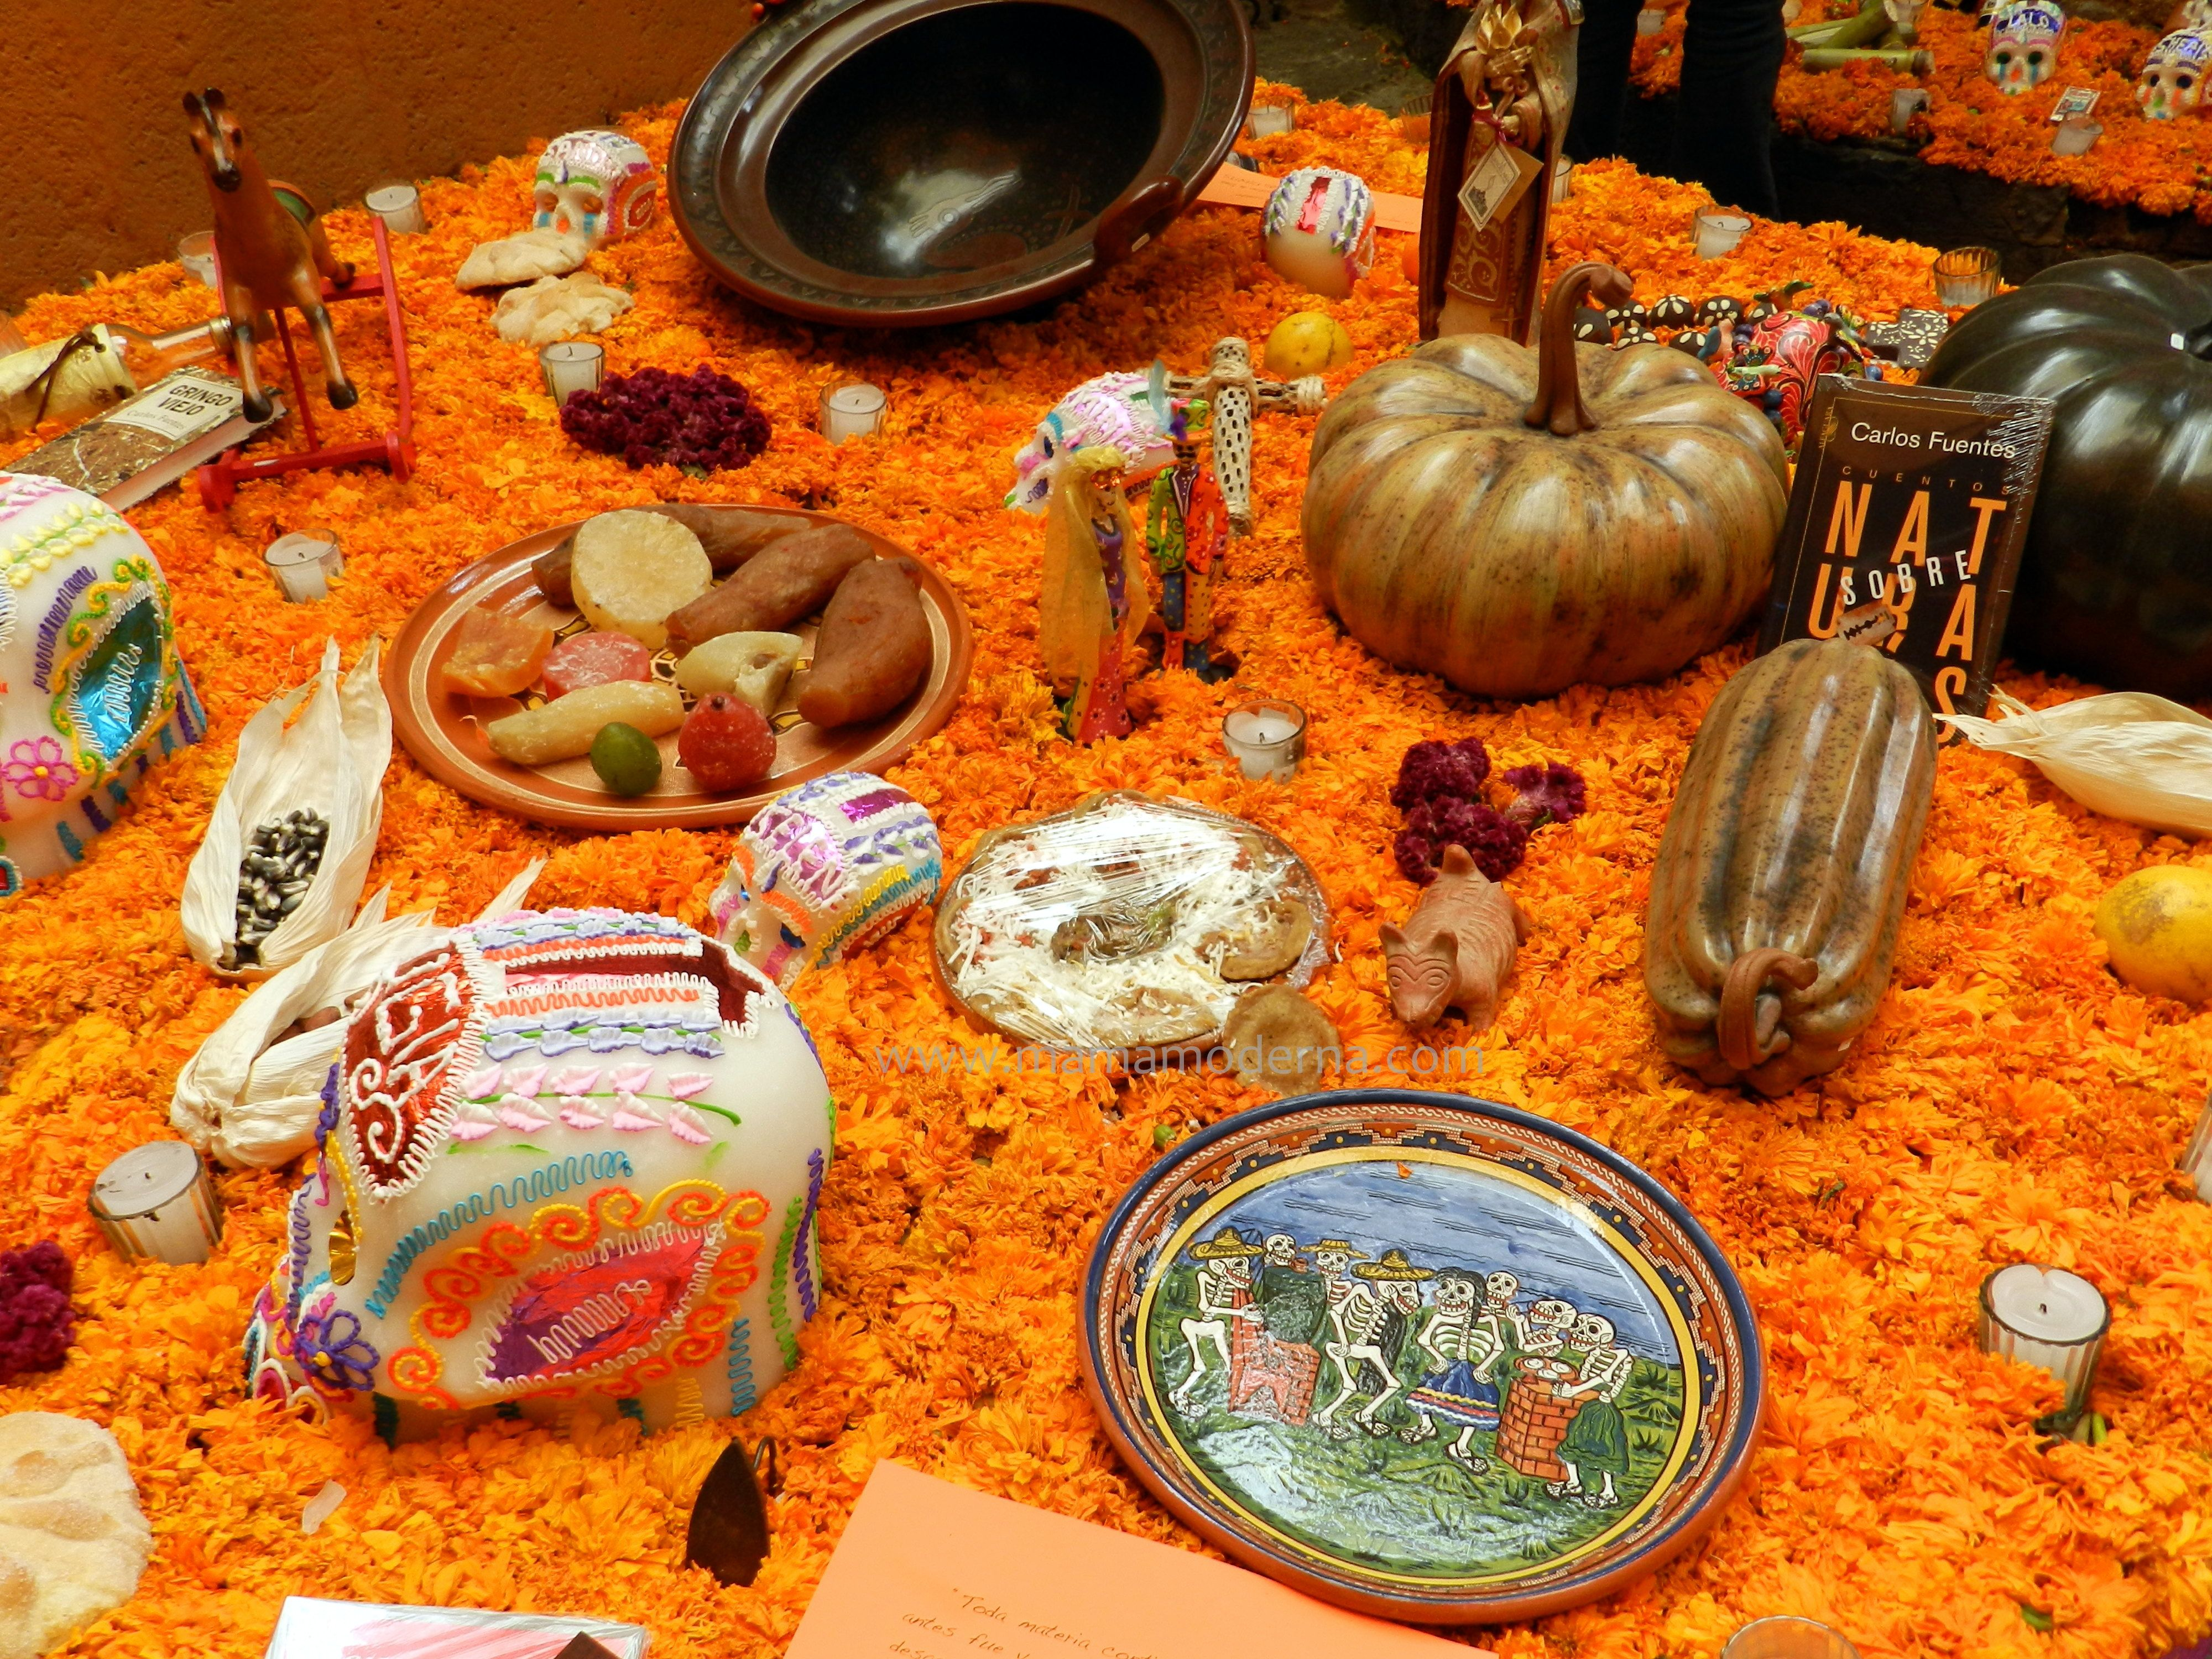 Algunos de los elementos de la ofrenda de muertos: flores, velas, sal, incienso y los alimentos que le gustaban al muerto que se conmemora.